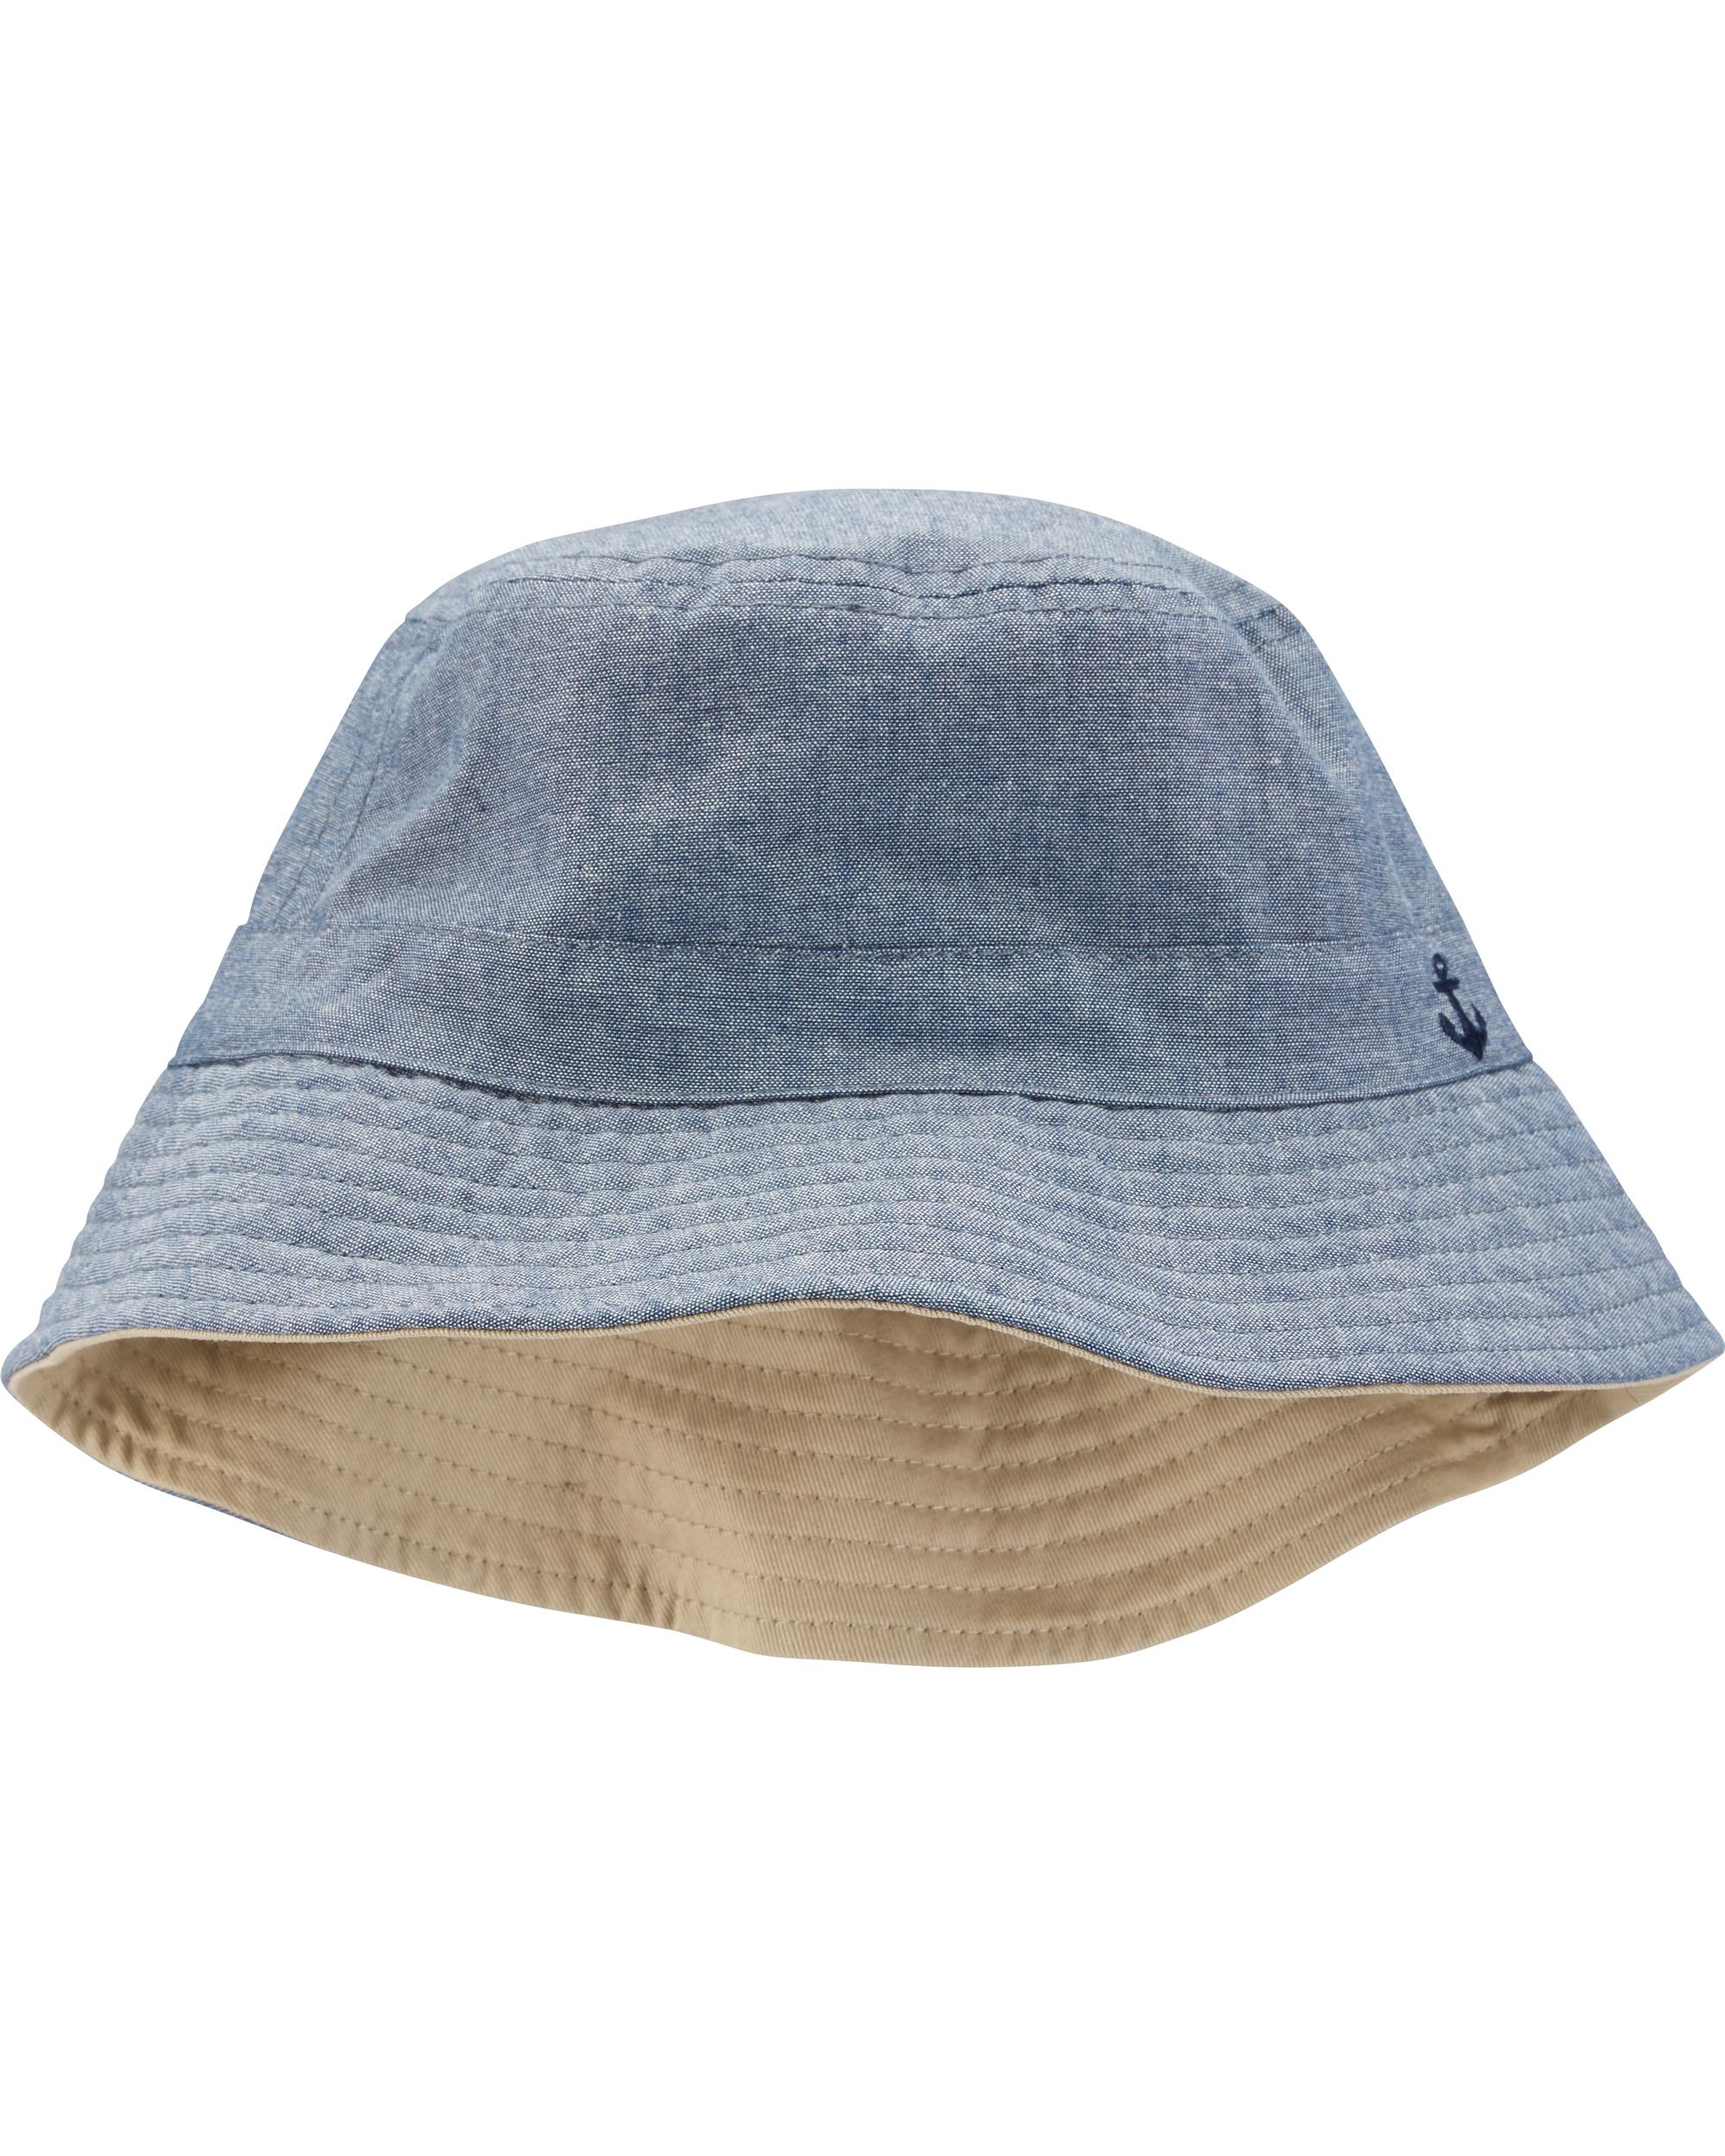 כובע דו צדדי ג'ינס כאמל